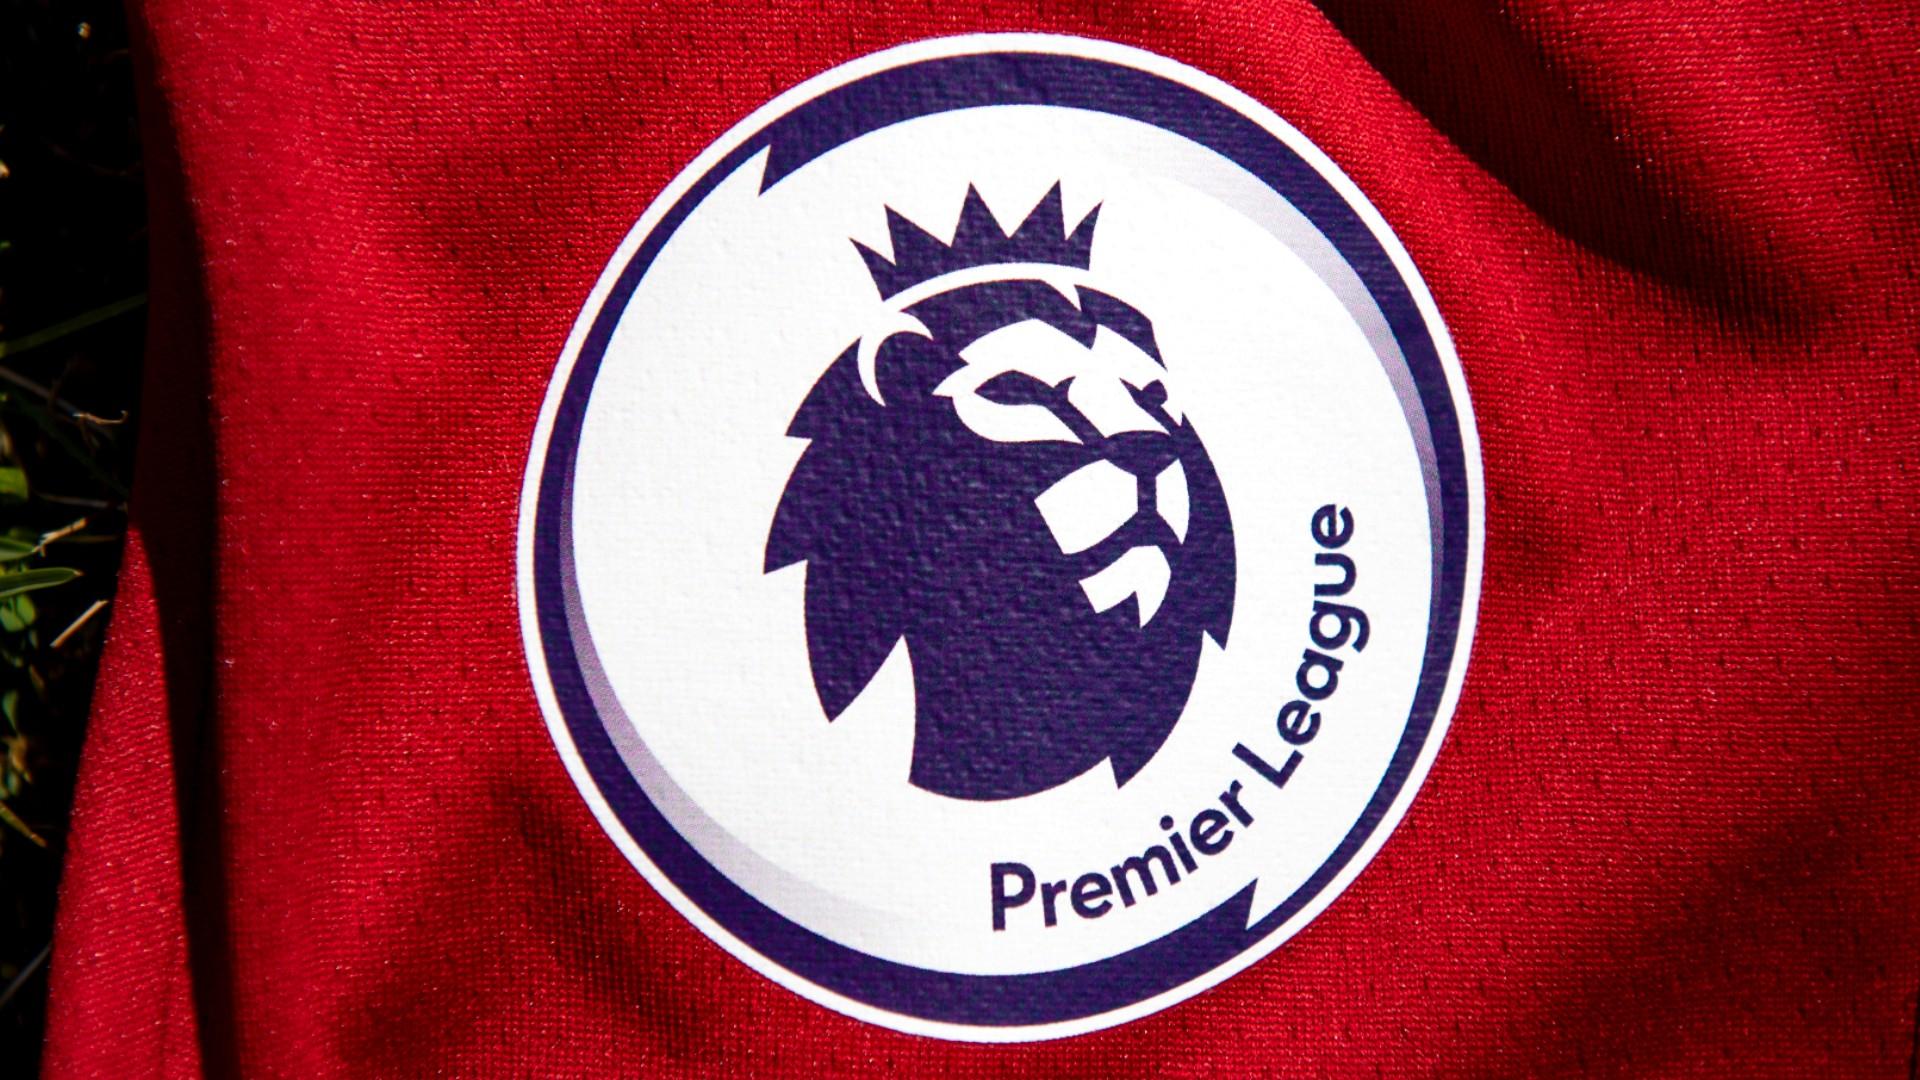 English-premier-league-logo-2020_1125sbbehx6do1x6cxe9qjpuc9